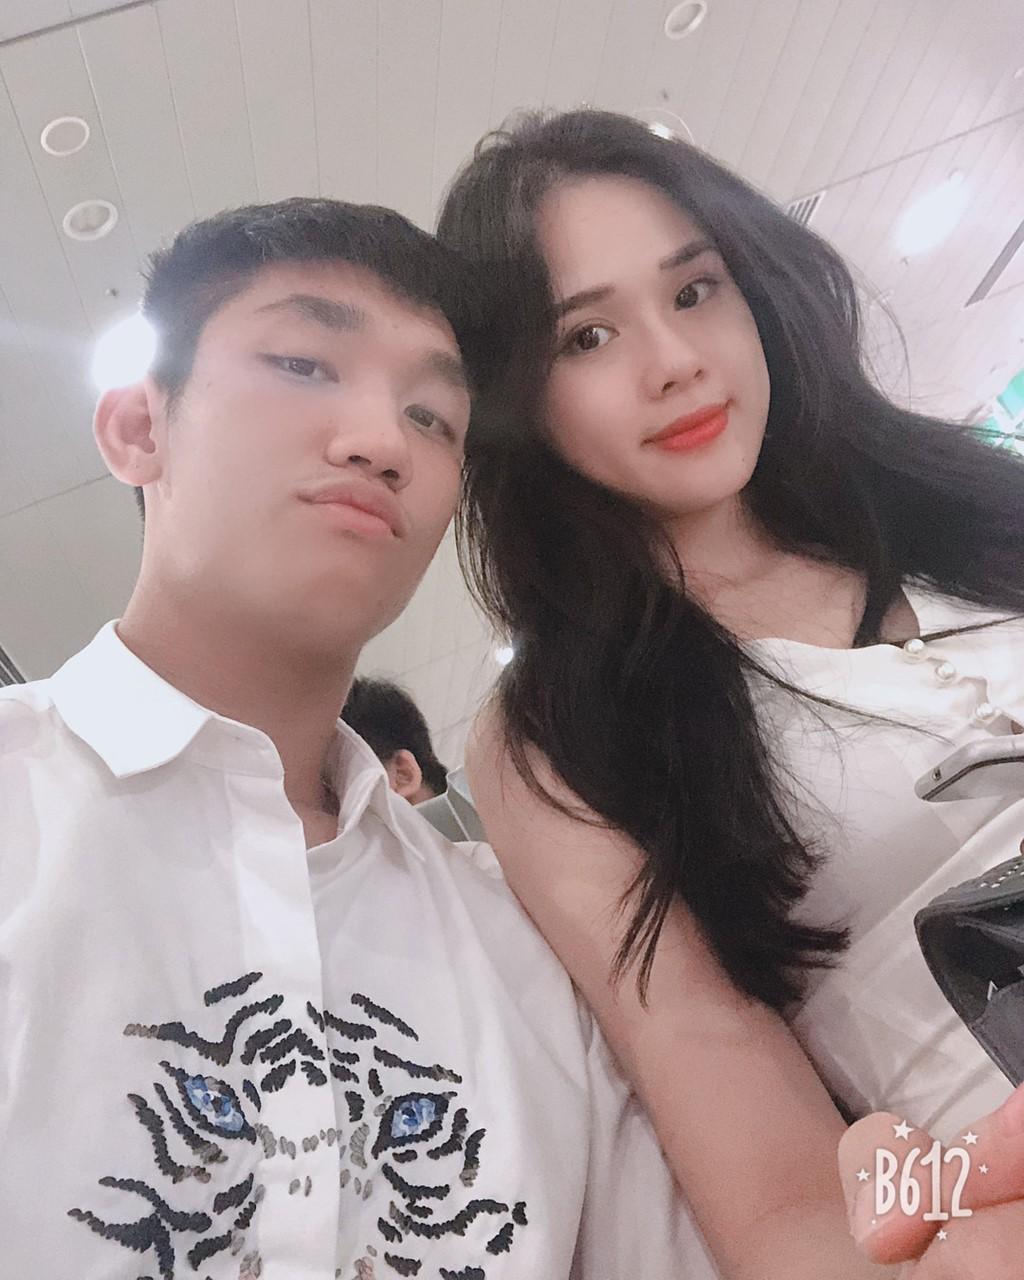 Trọng Đại và bạn gái Huyền Trang: Nghi vấn rạn nứt tình cảm vì tham vọng thi hoa hậu-1